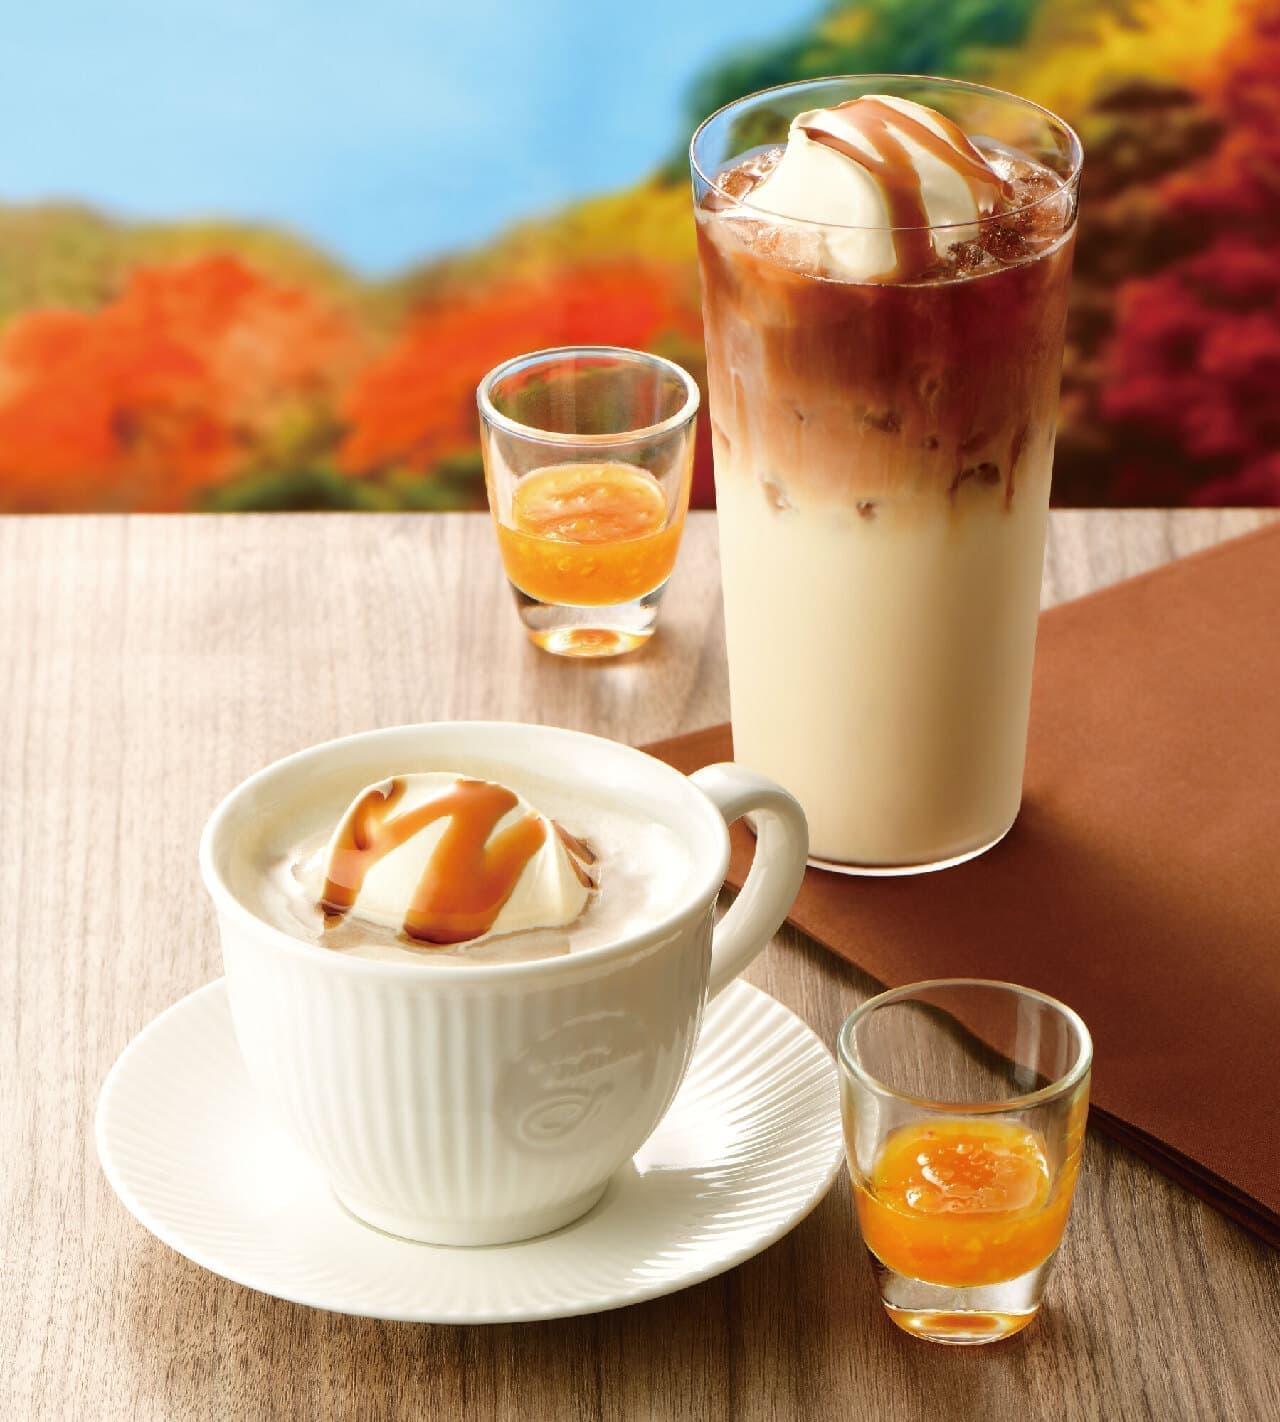 カフェ・ド・クリエ「黒糖ミルクコーヒー~屋久島たんかんジャム添え~」